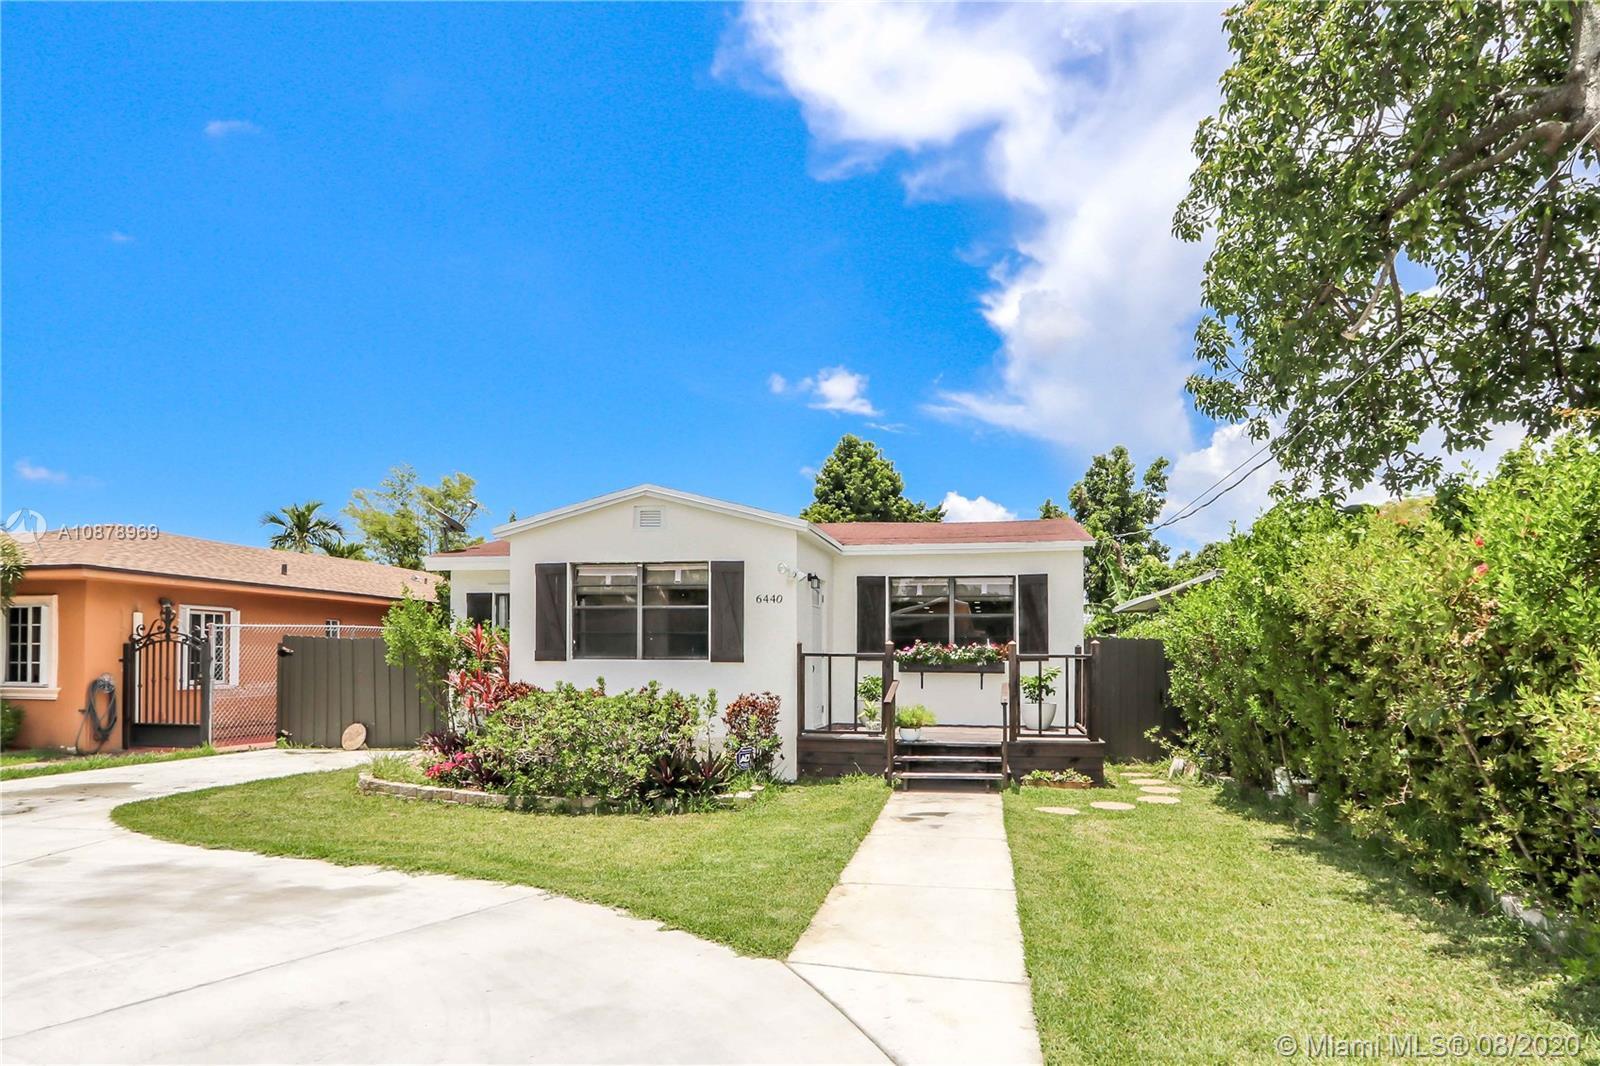 Coral Villas - 6440 SW 28th St, Miami, FL 33155